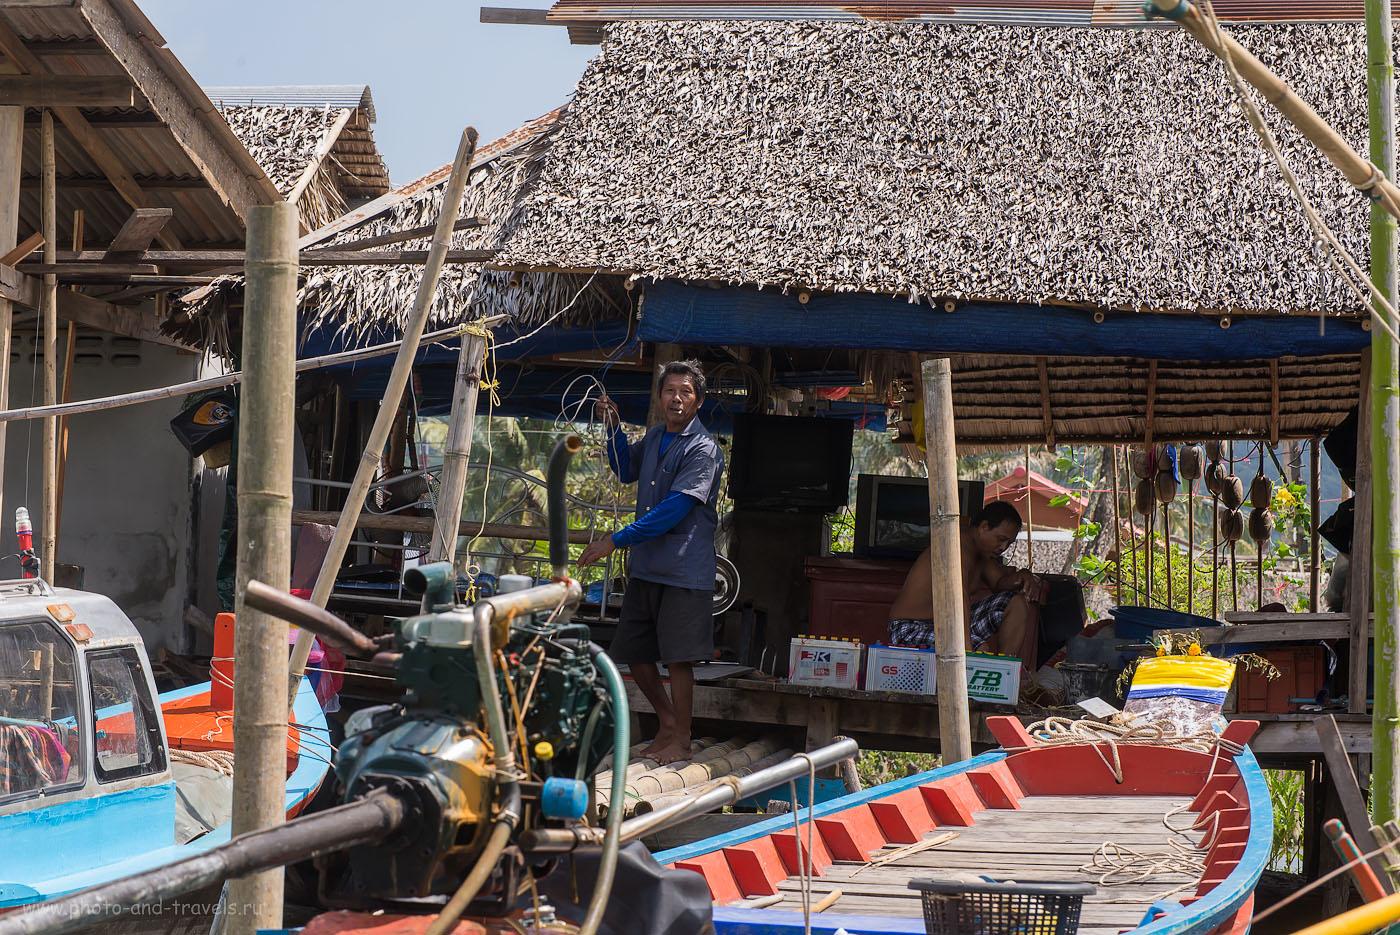 Фото 14. В рыбацкой деревне. Отдых в Таиланде дикарями. Поездка из Чумпхон в провинцию Краби на машине (320, 122, 9.0, 1/400)